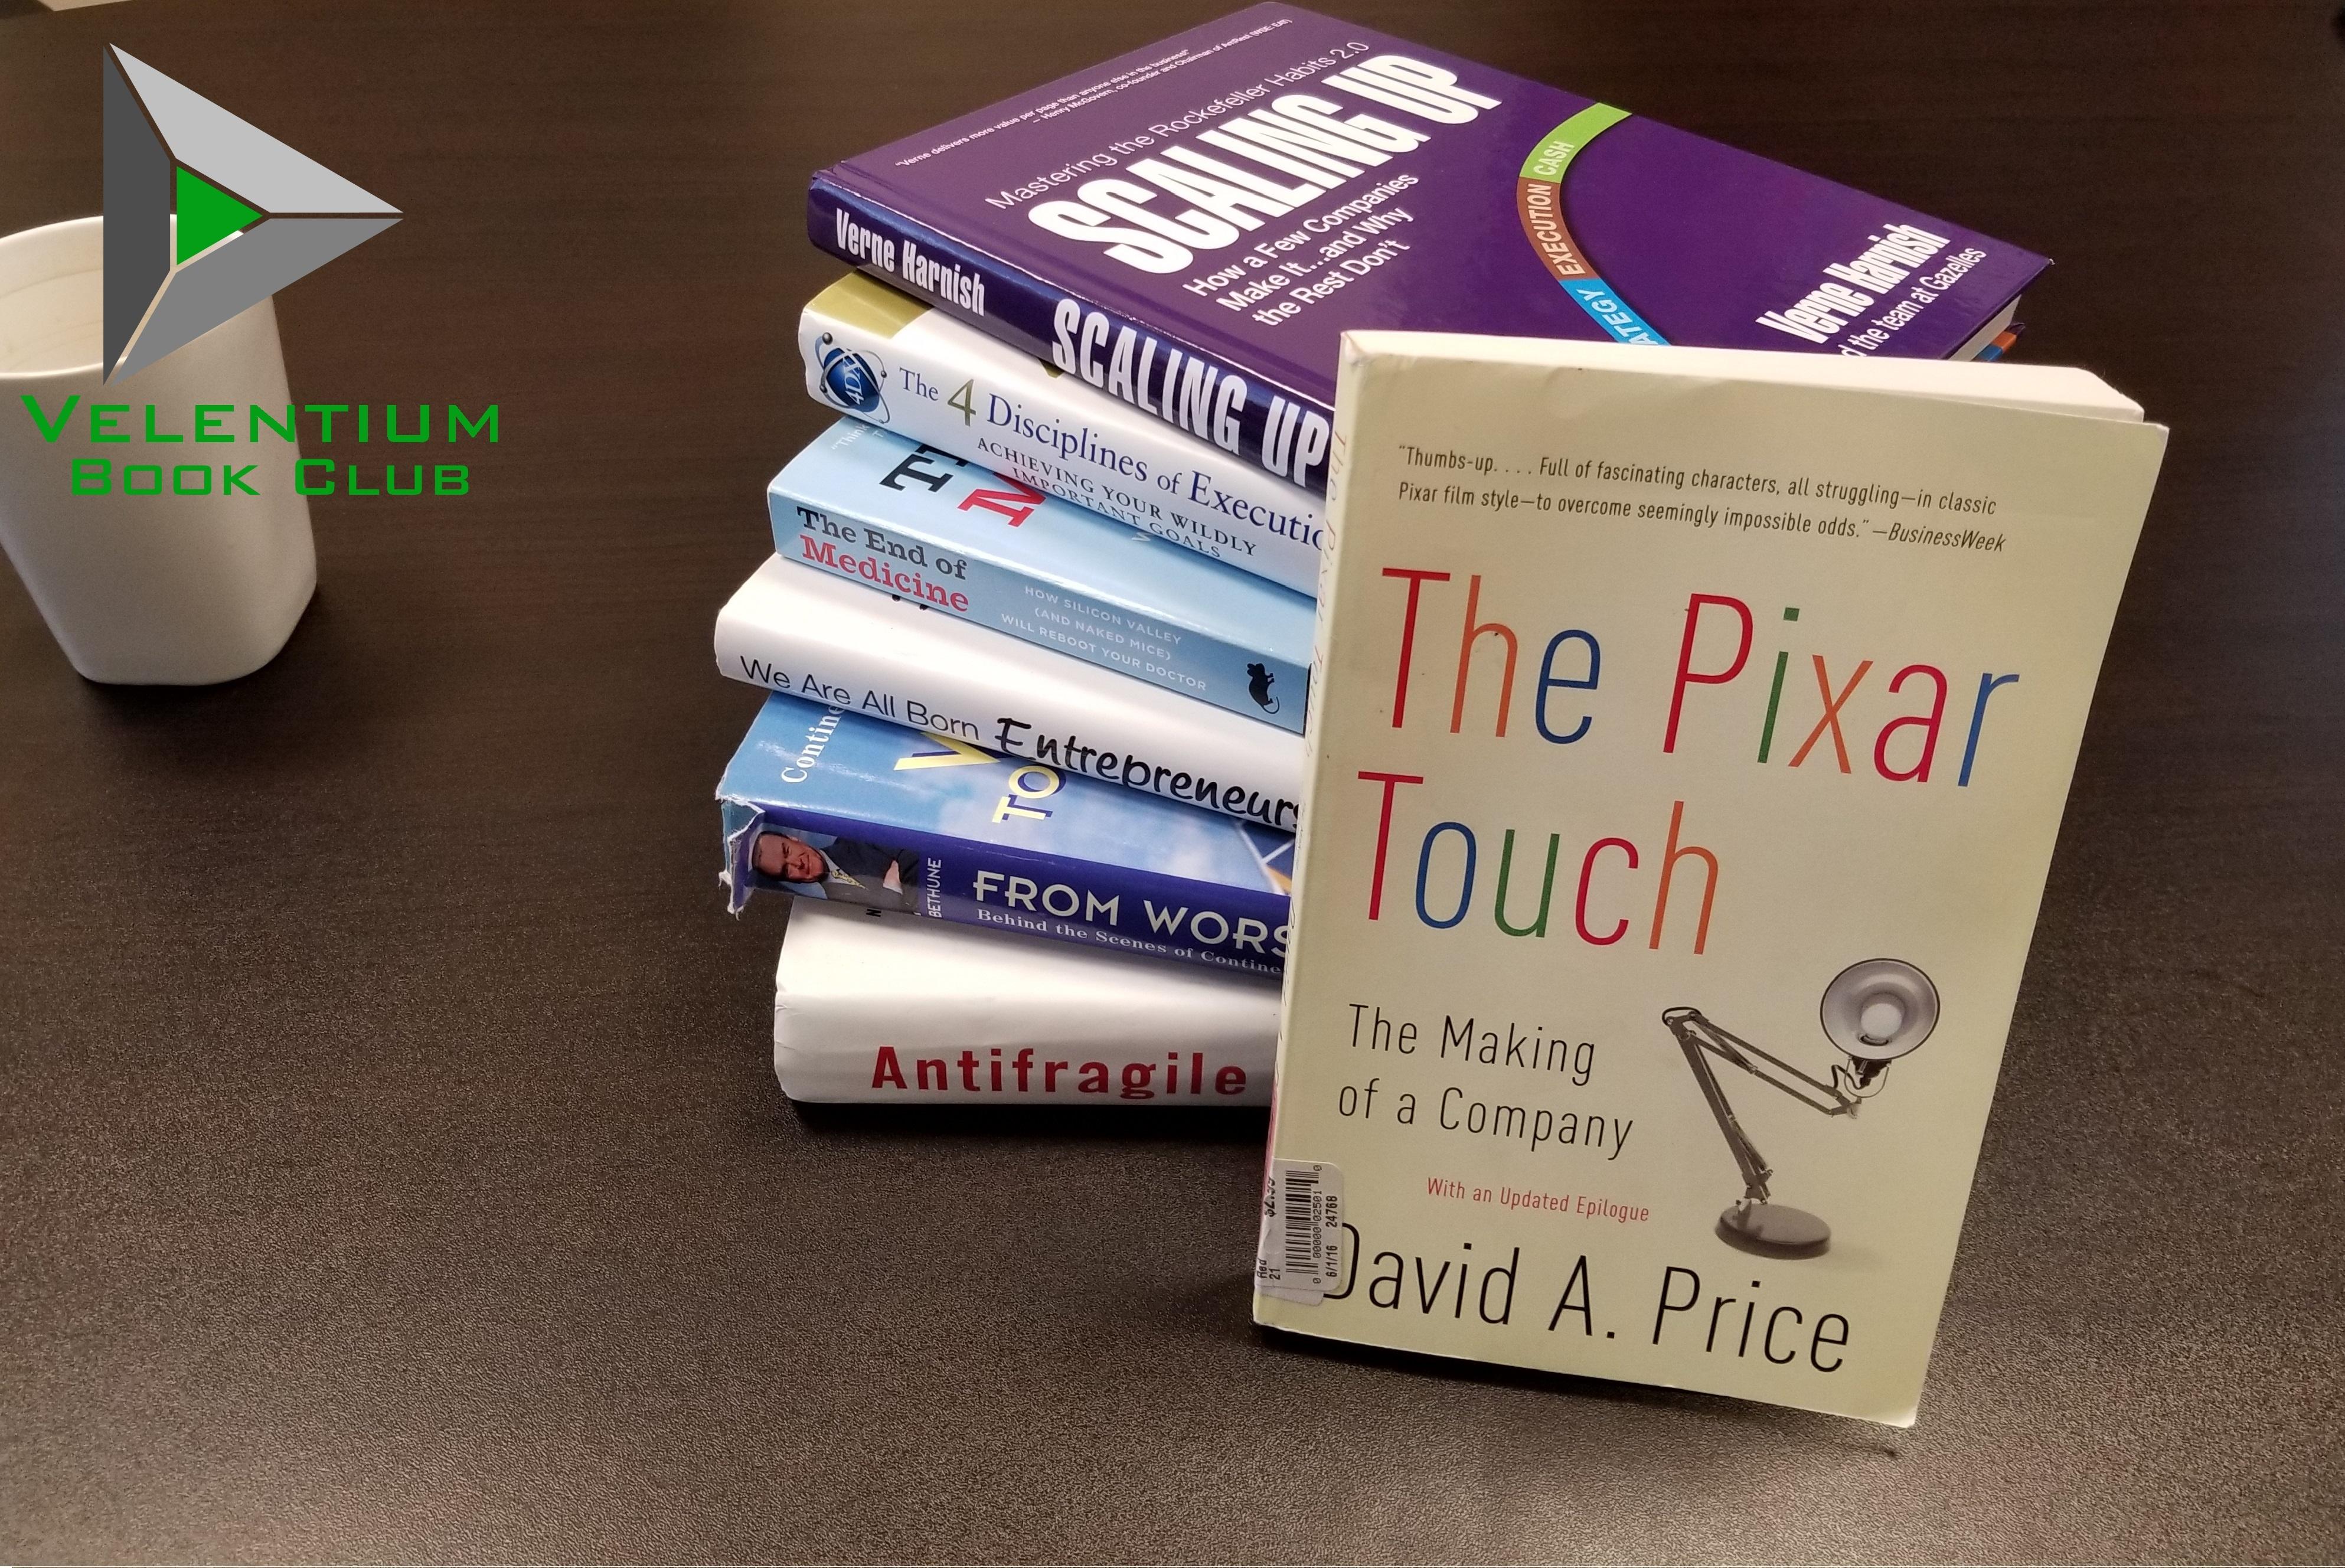 Velentium Book Club: The Pixar Touch